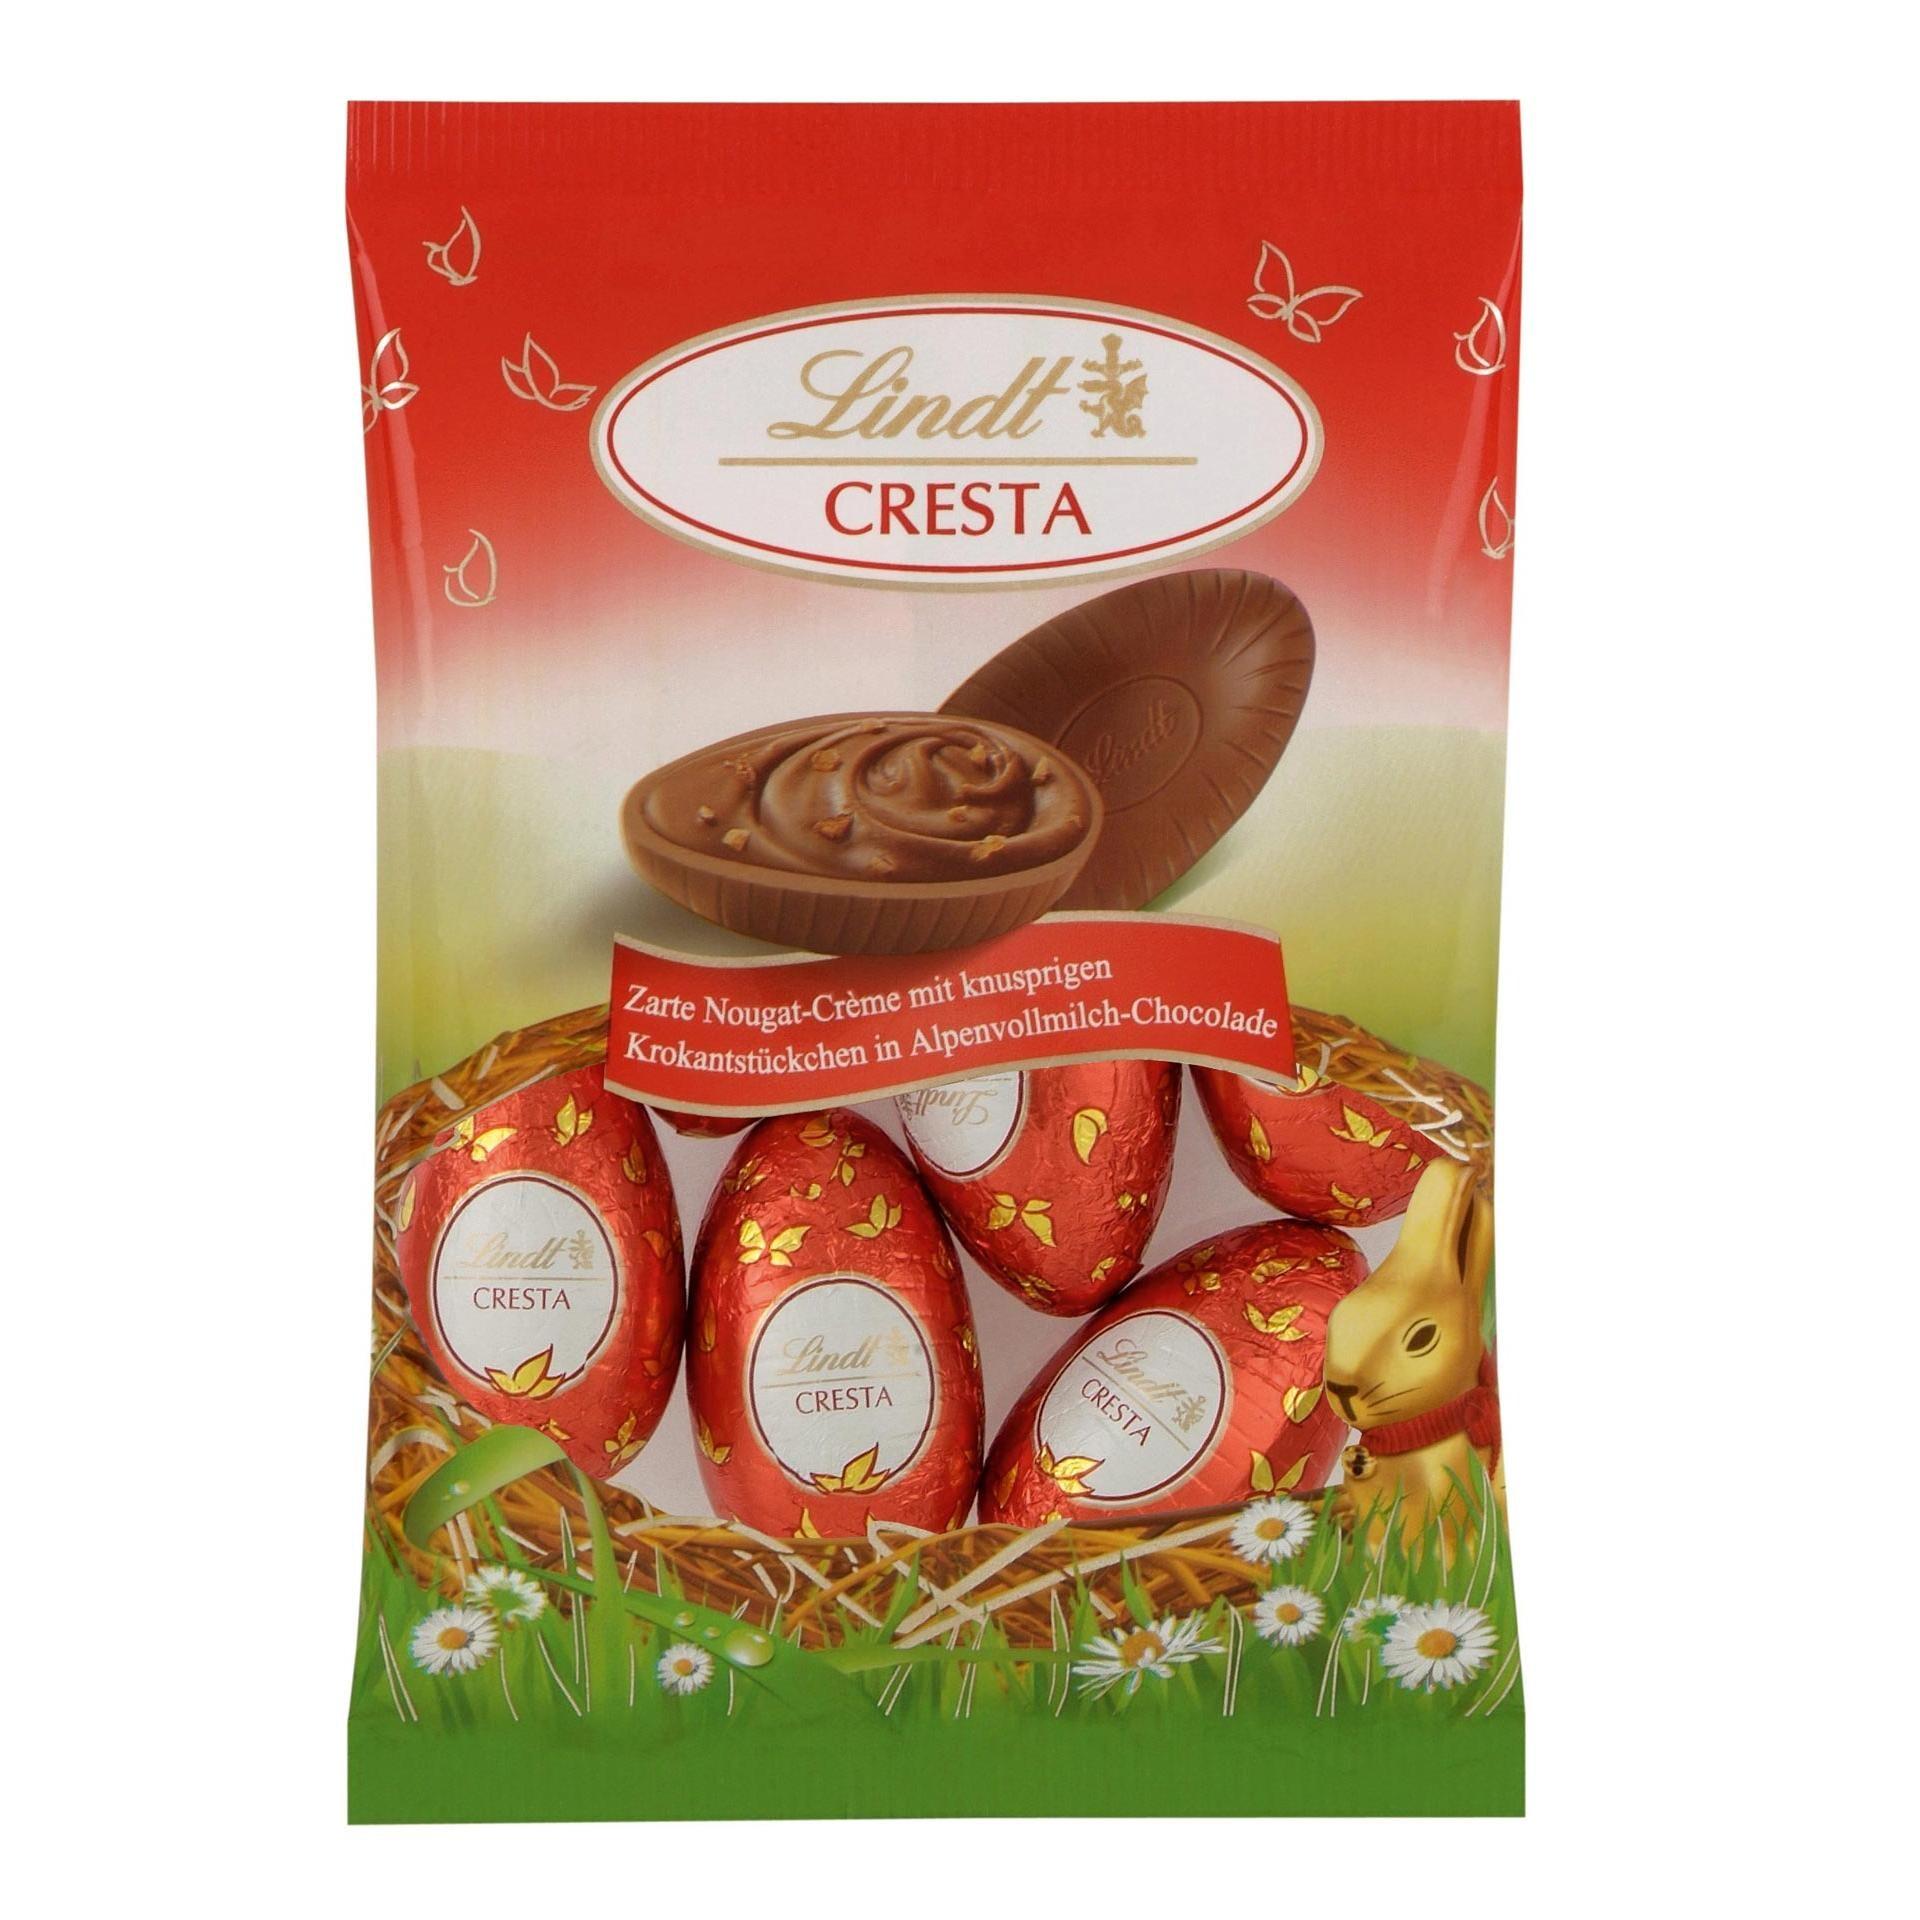 Lindt Cresta-Eier 90g, 5 Stück